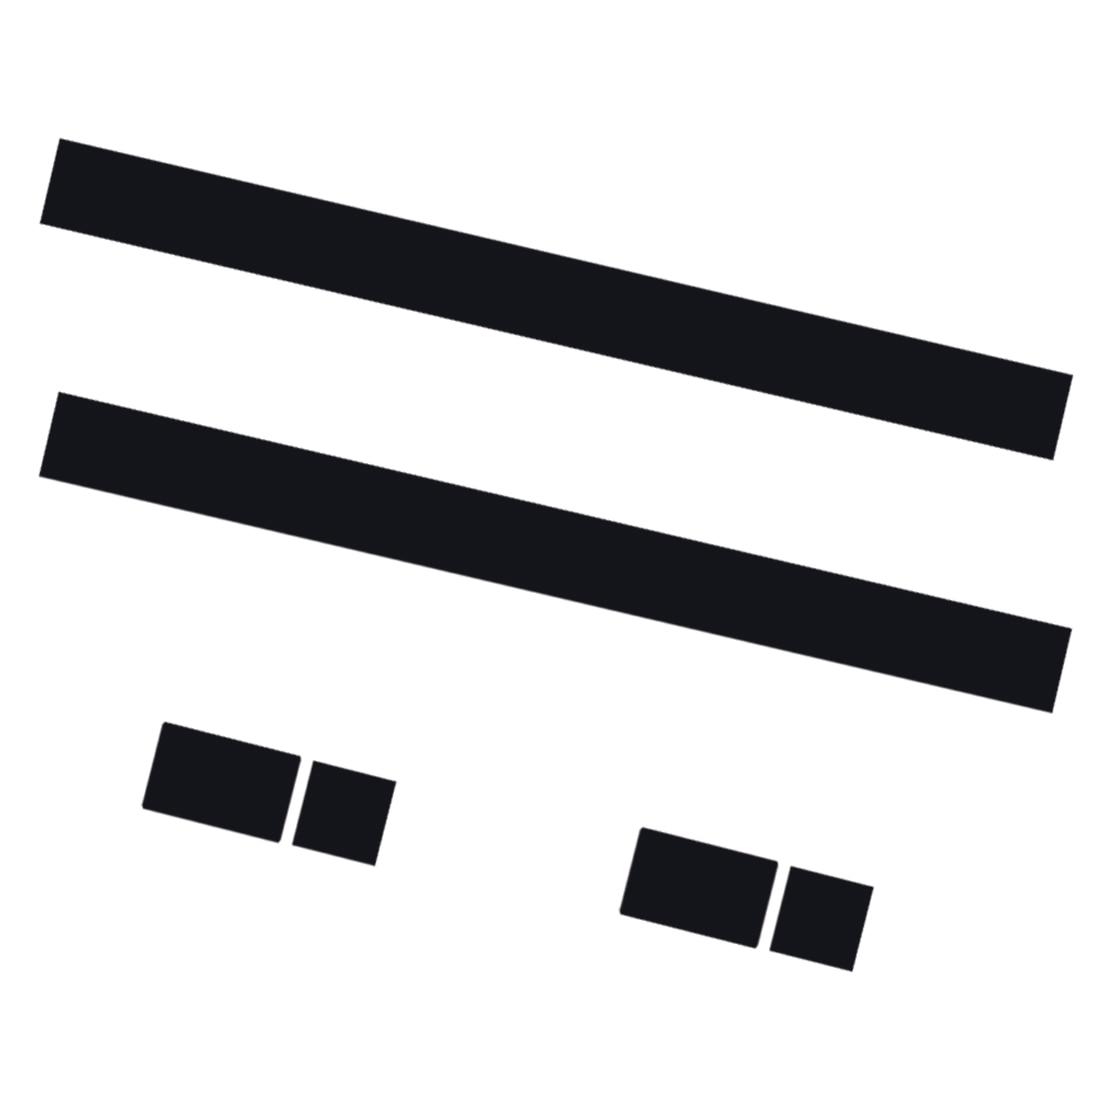 CITALL 2 шт. Автомобильный капот в полоску капот наклейка крышка виниловая наклейка подходит для MINI Cooper R50 R53 R56 R55 dWm2754536 черный/белый/красный - Название цвета: black